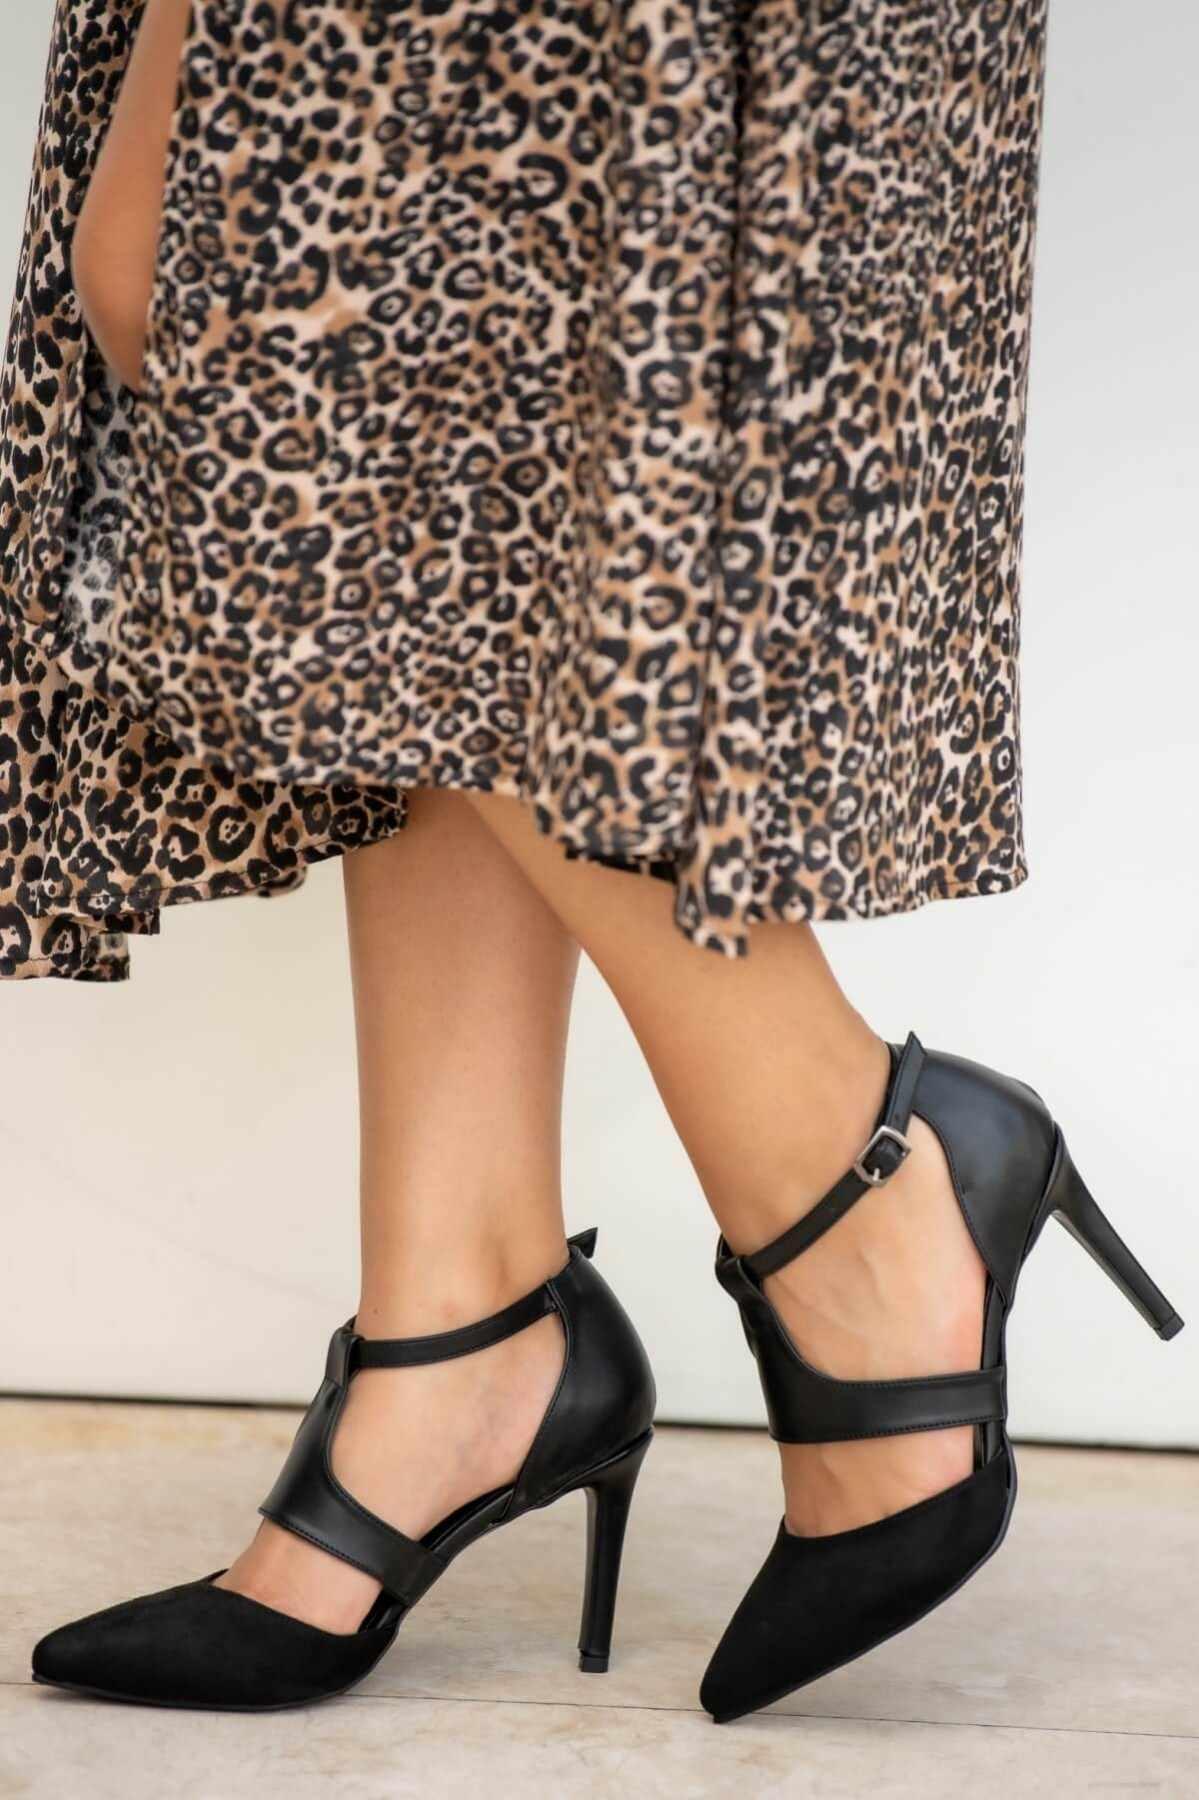 """Elsa Đen Gót Giày Đế bằng Dây Cột Nữ Giày Nữ Zapato de Mujer """"Tacon Giày Người Phụ Nữ Mỏng Gót Nhọn Nông Máy Bơm"""